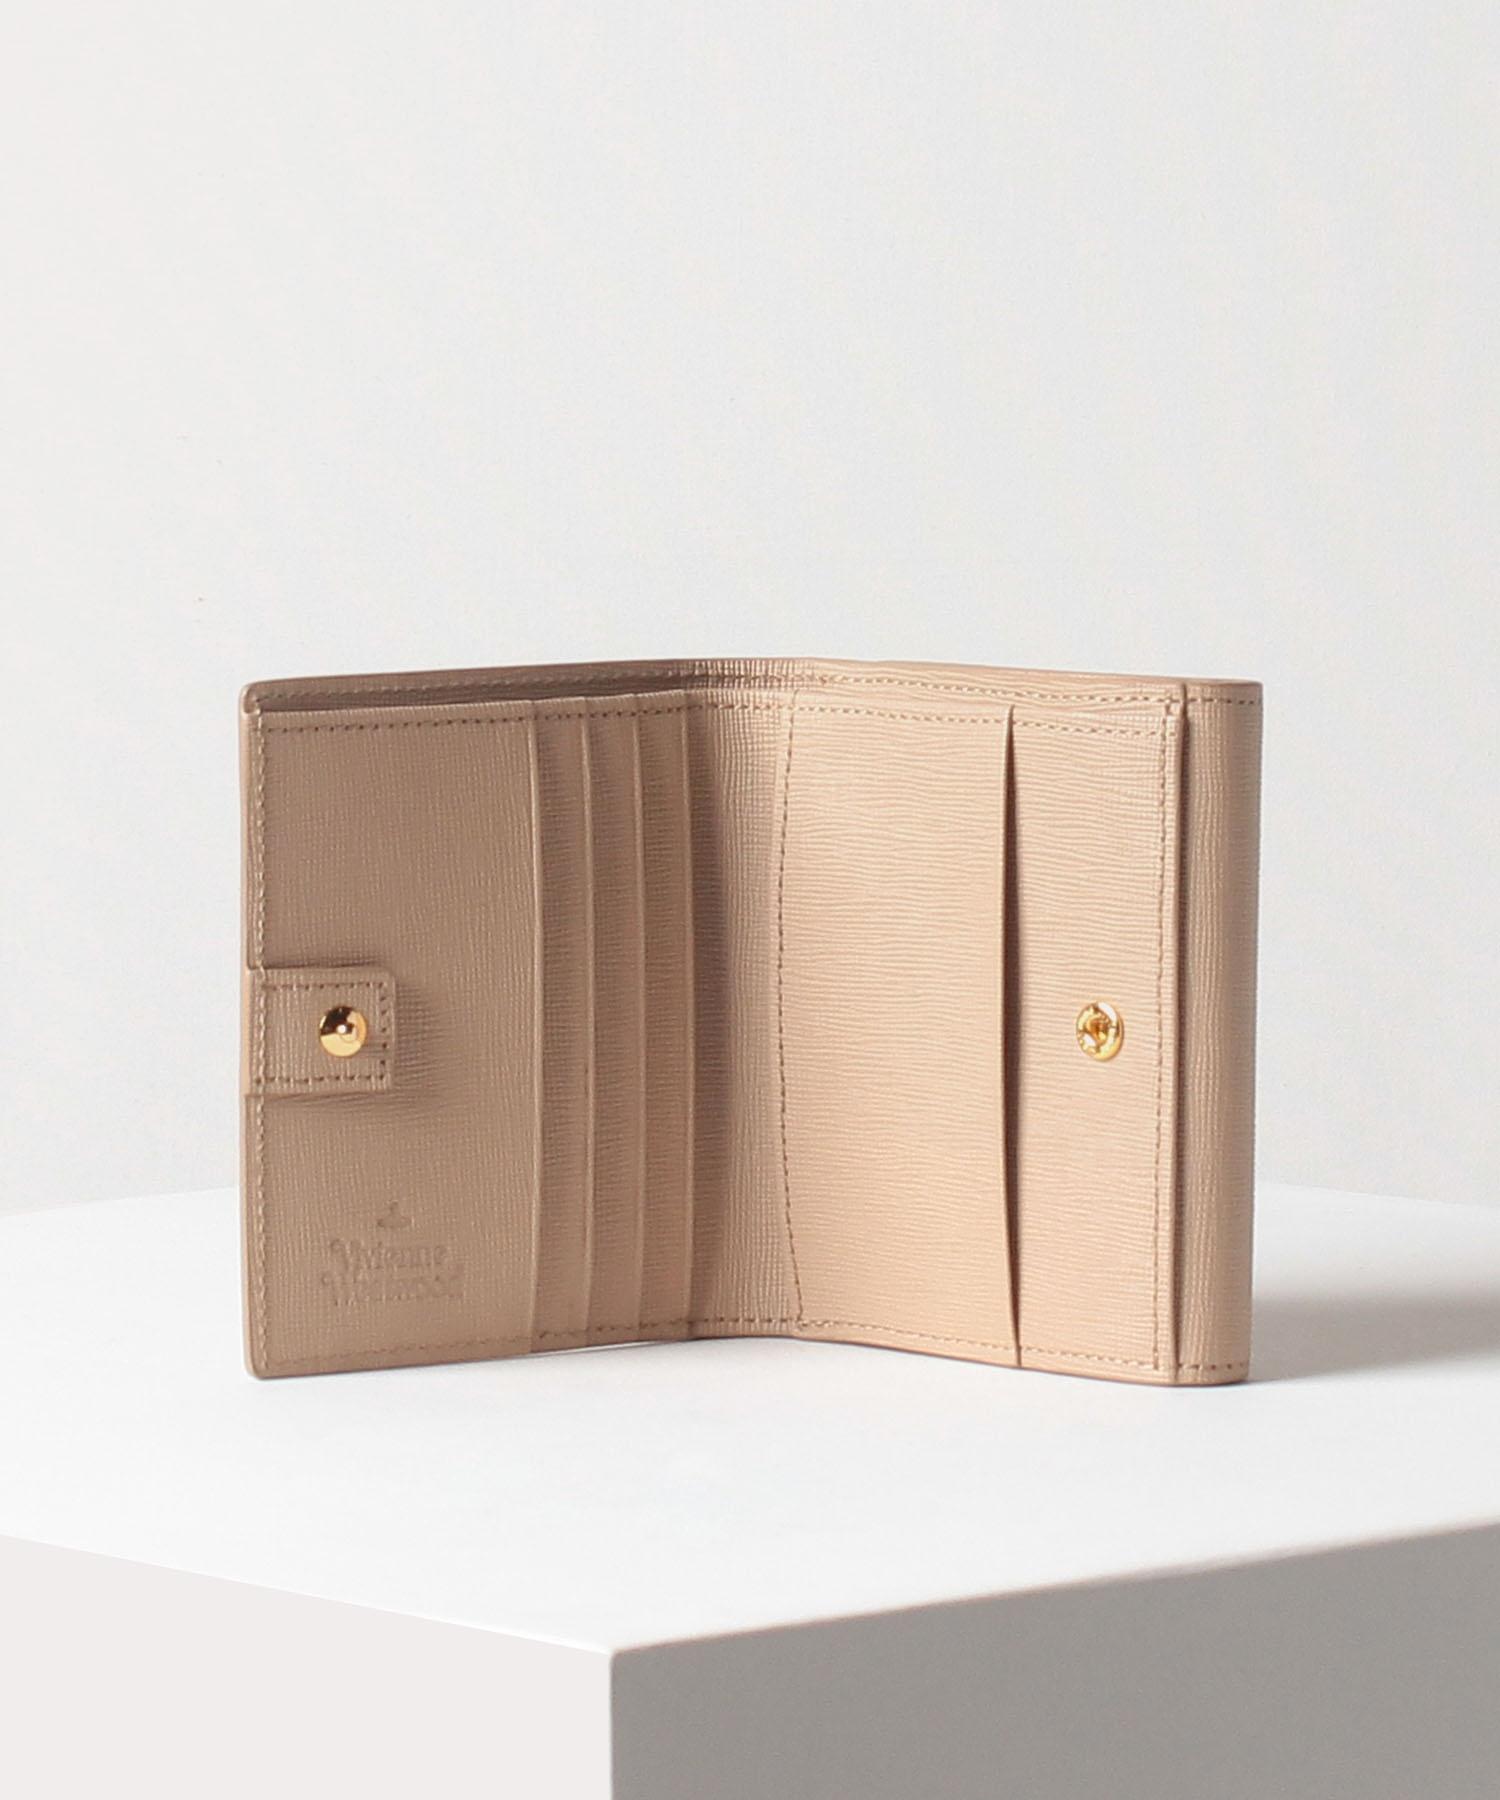 メタルフレーム 二つ折り財布